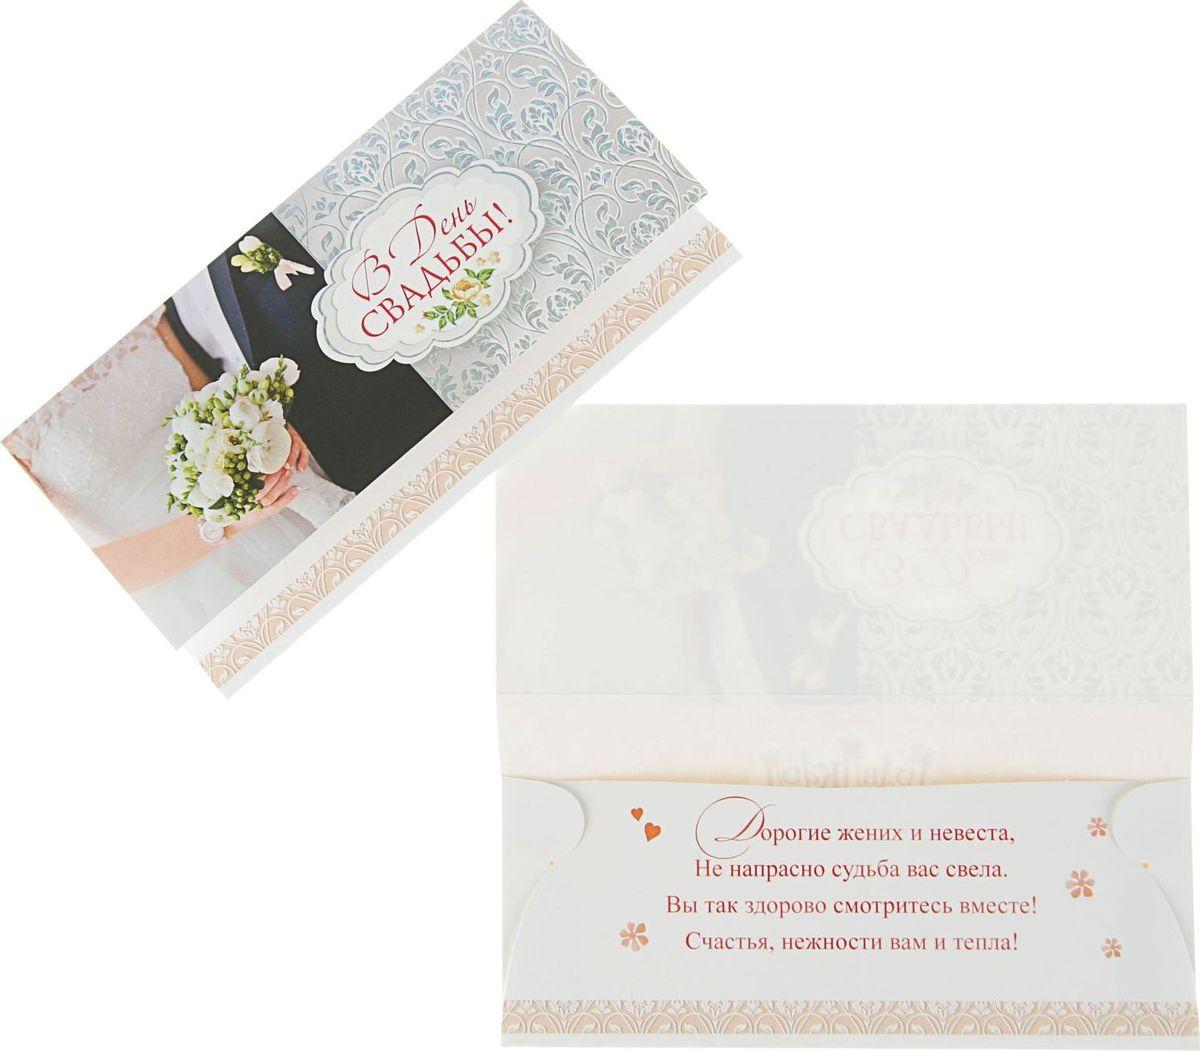 луки поздравление в день свадьбы в конверте лакрал